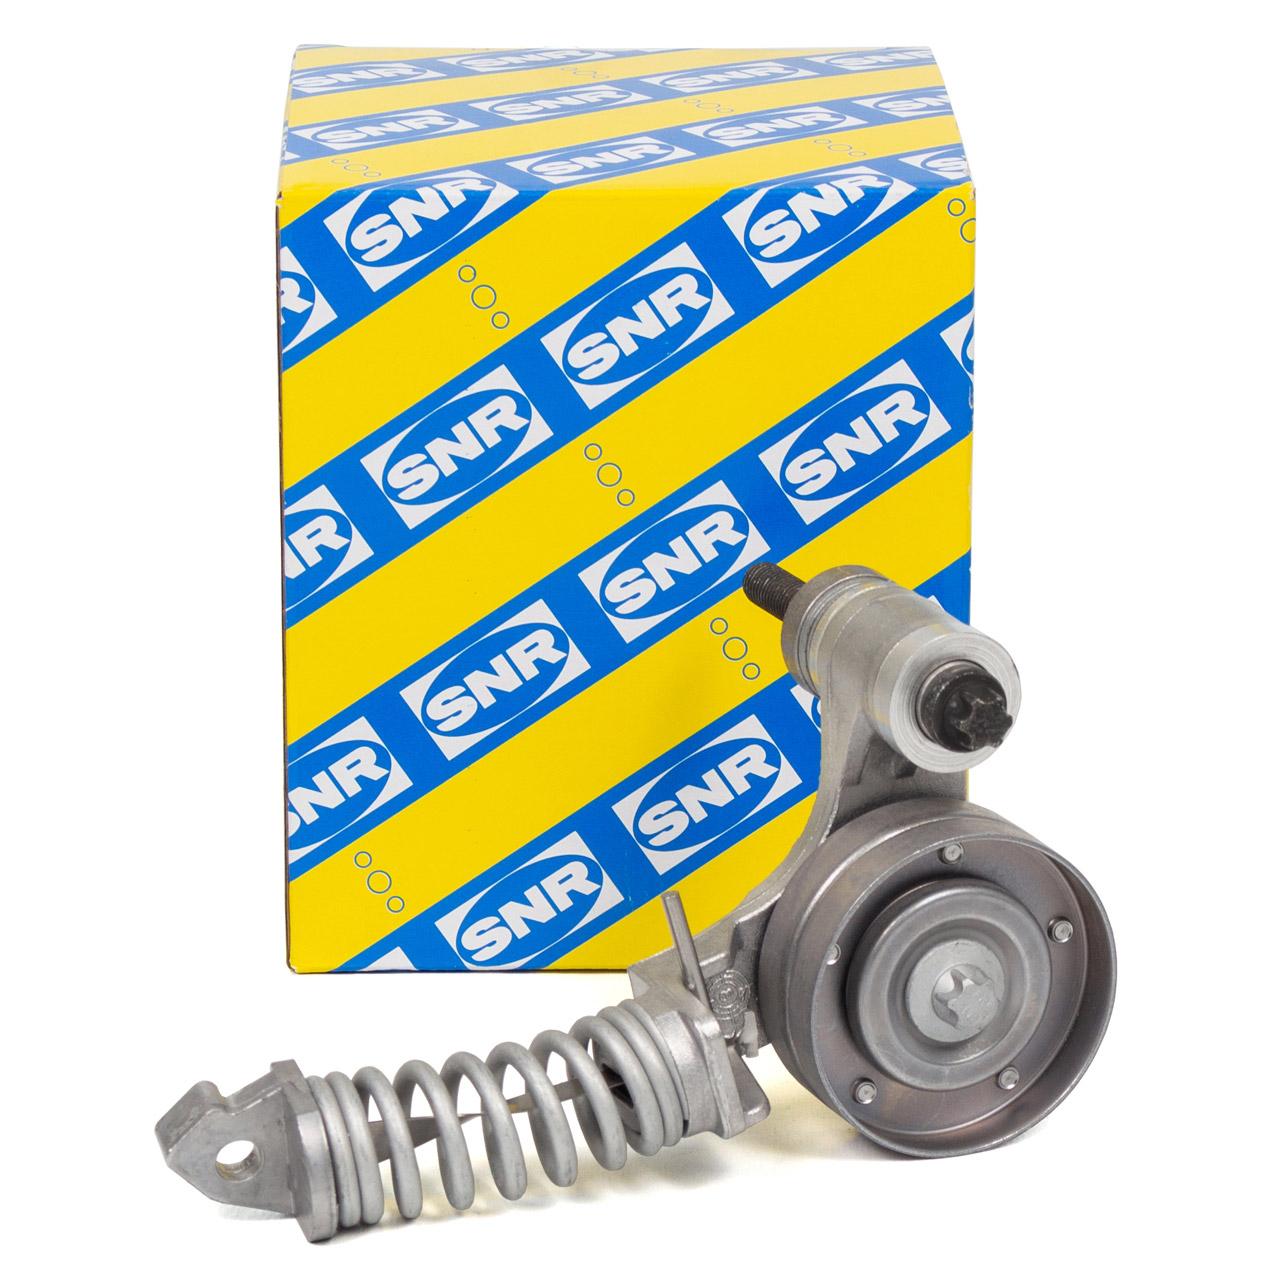 SNR GA353.59 Riemenspanner Keilrippenriemen OPEL 1.2 1.4 1340085 / 25195388